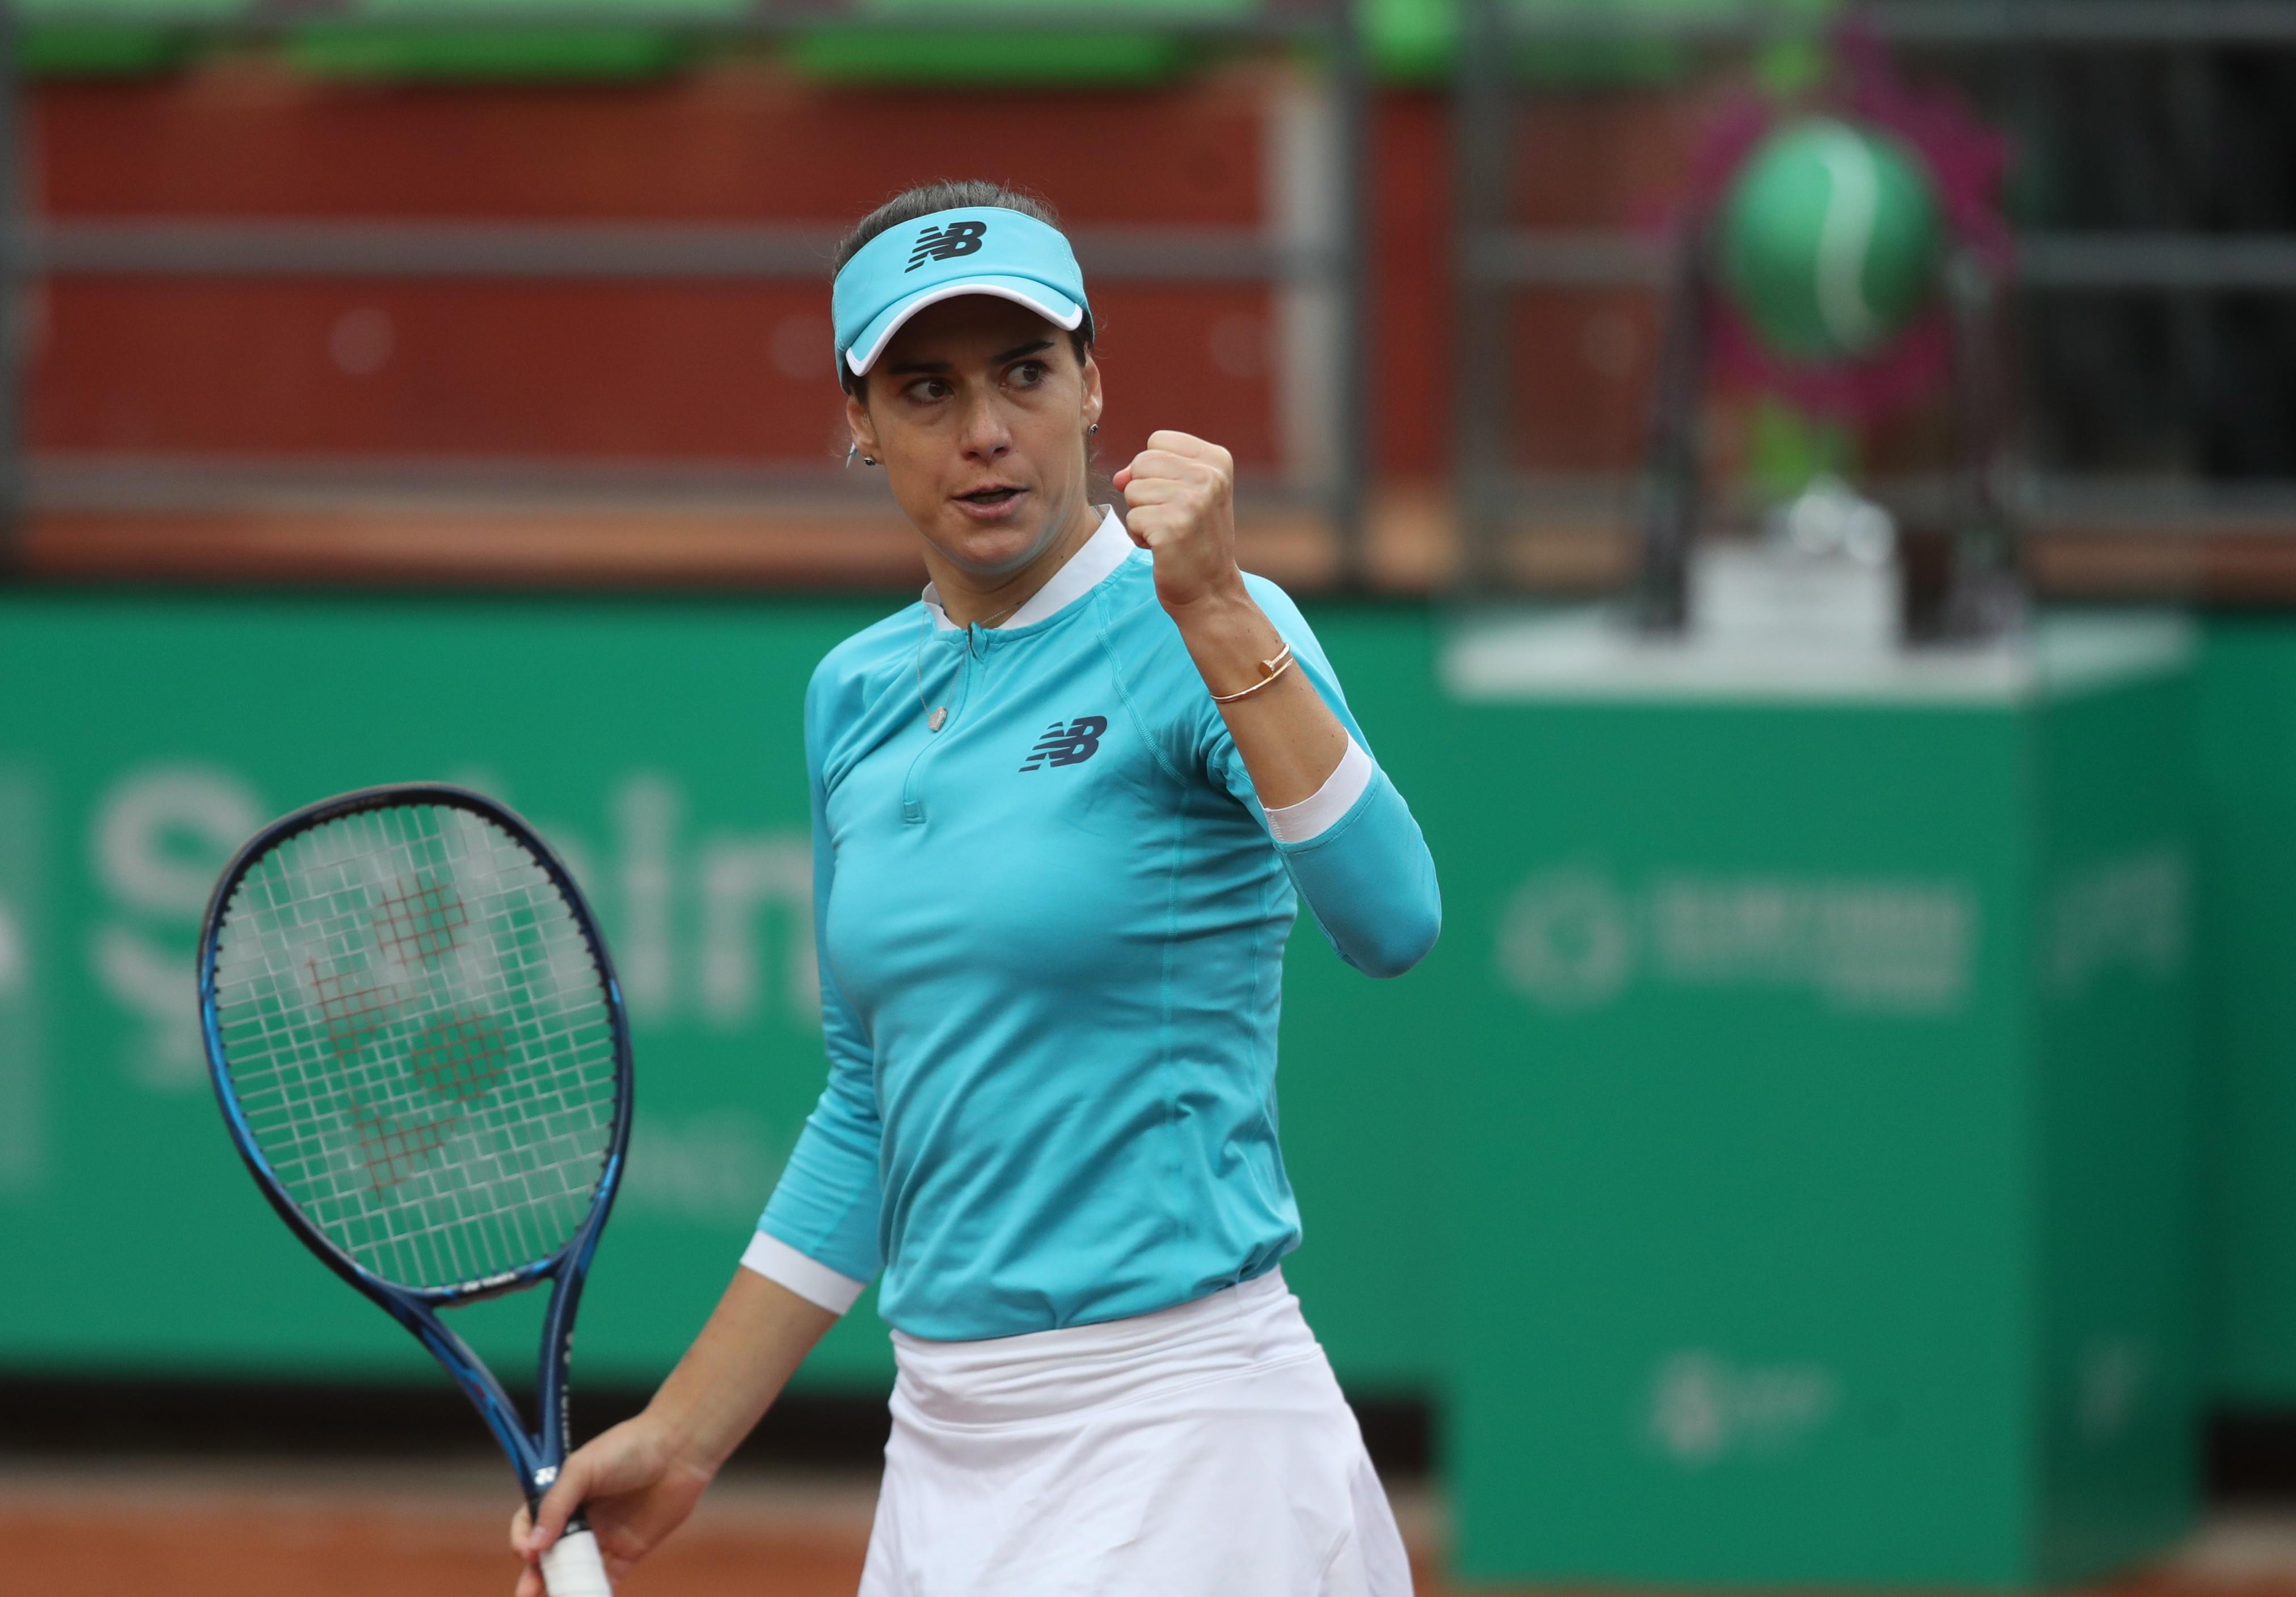 """Sorana Cîrstea a câştigat turneul de la Istanbul, al doilea trofeu WTA din carieră. """"Sunt foarte fericită, nu mă așteptam"""""""